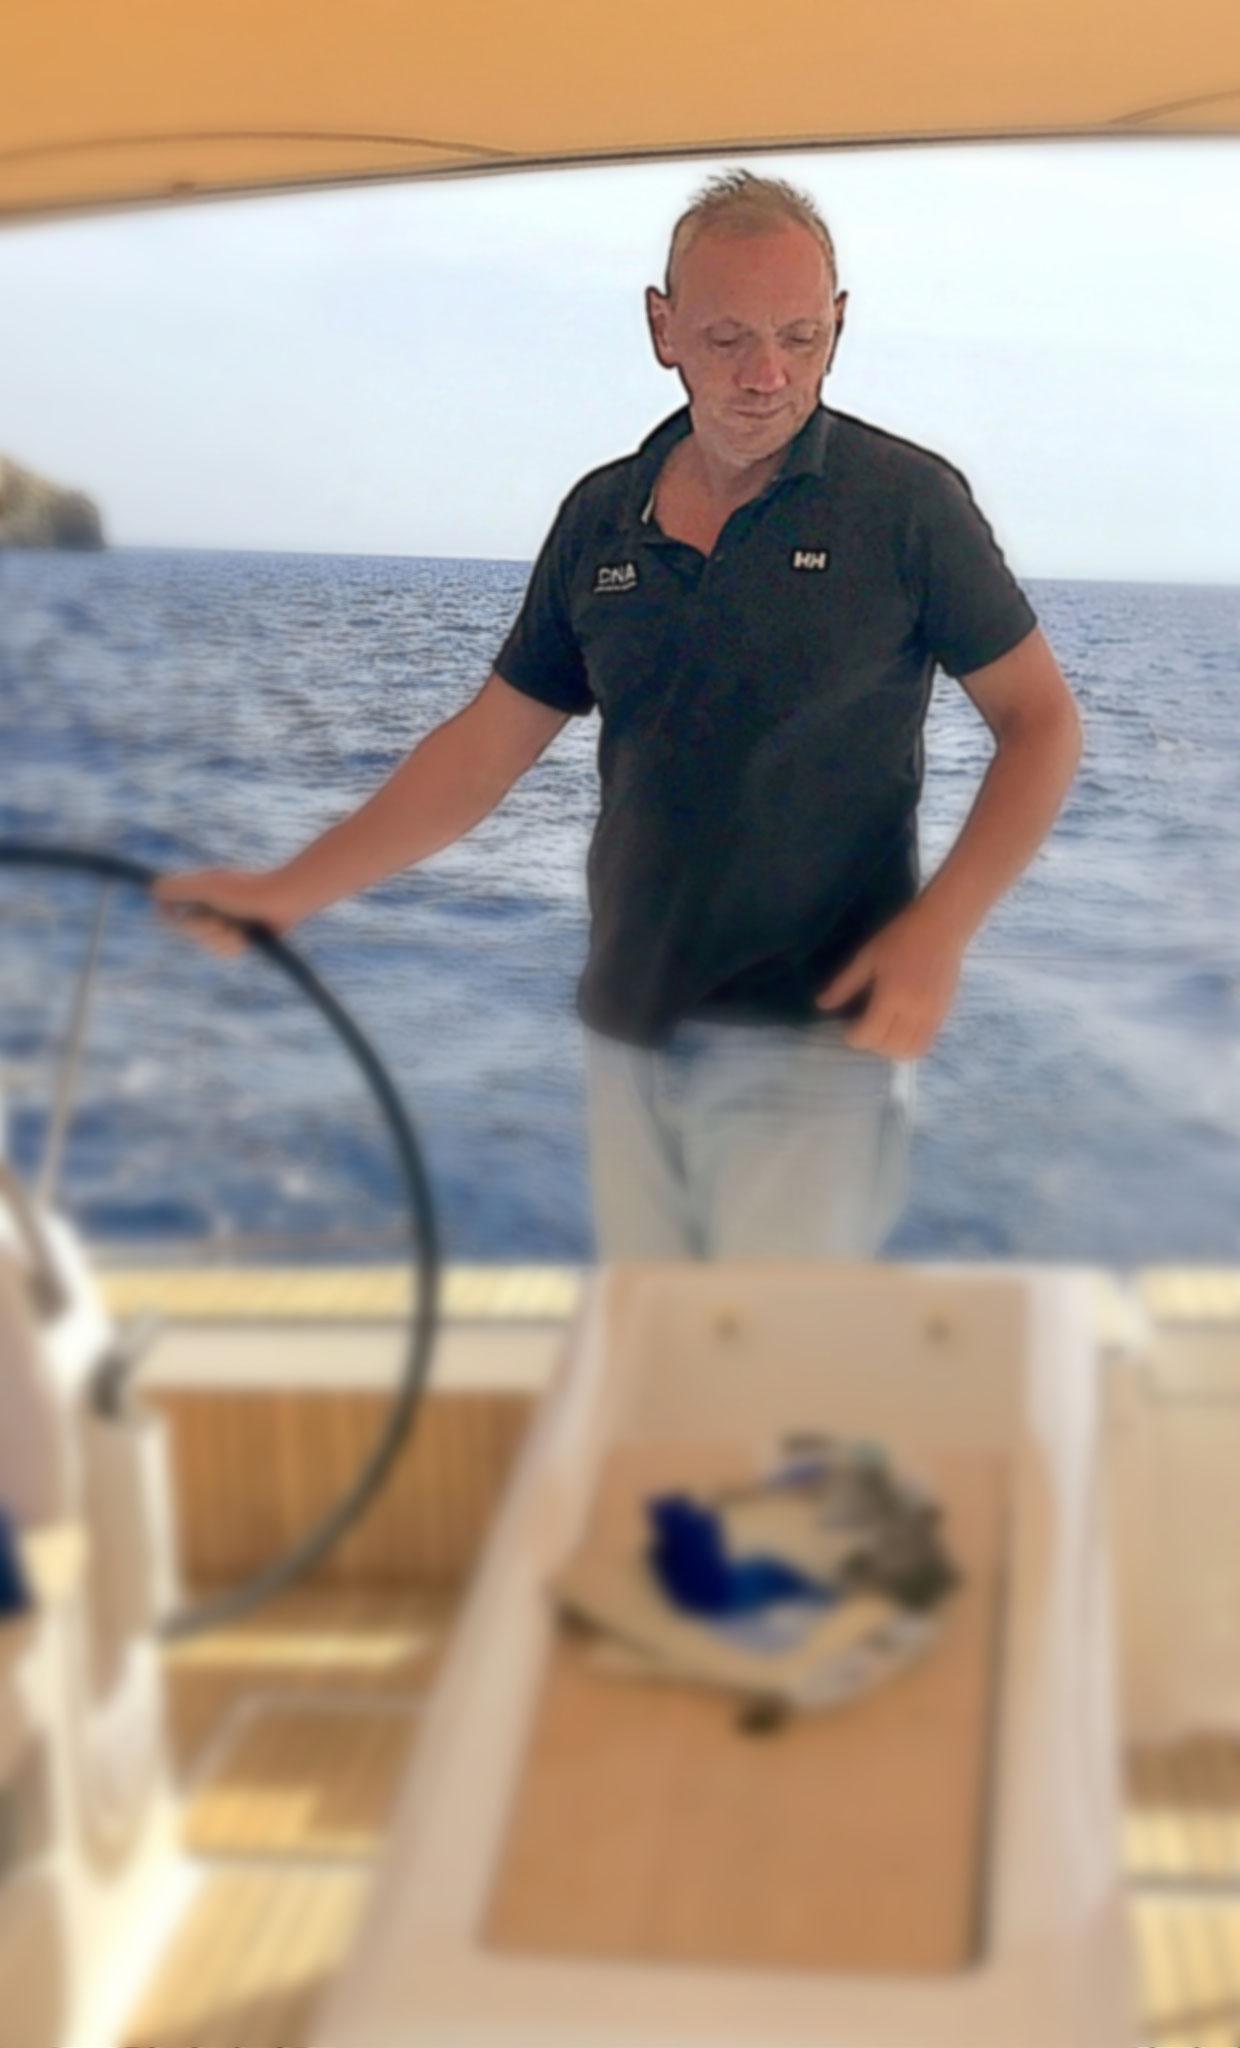 Ralf El Capitano